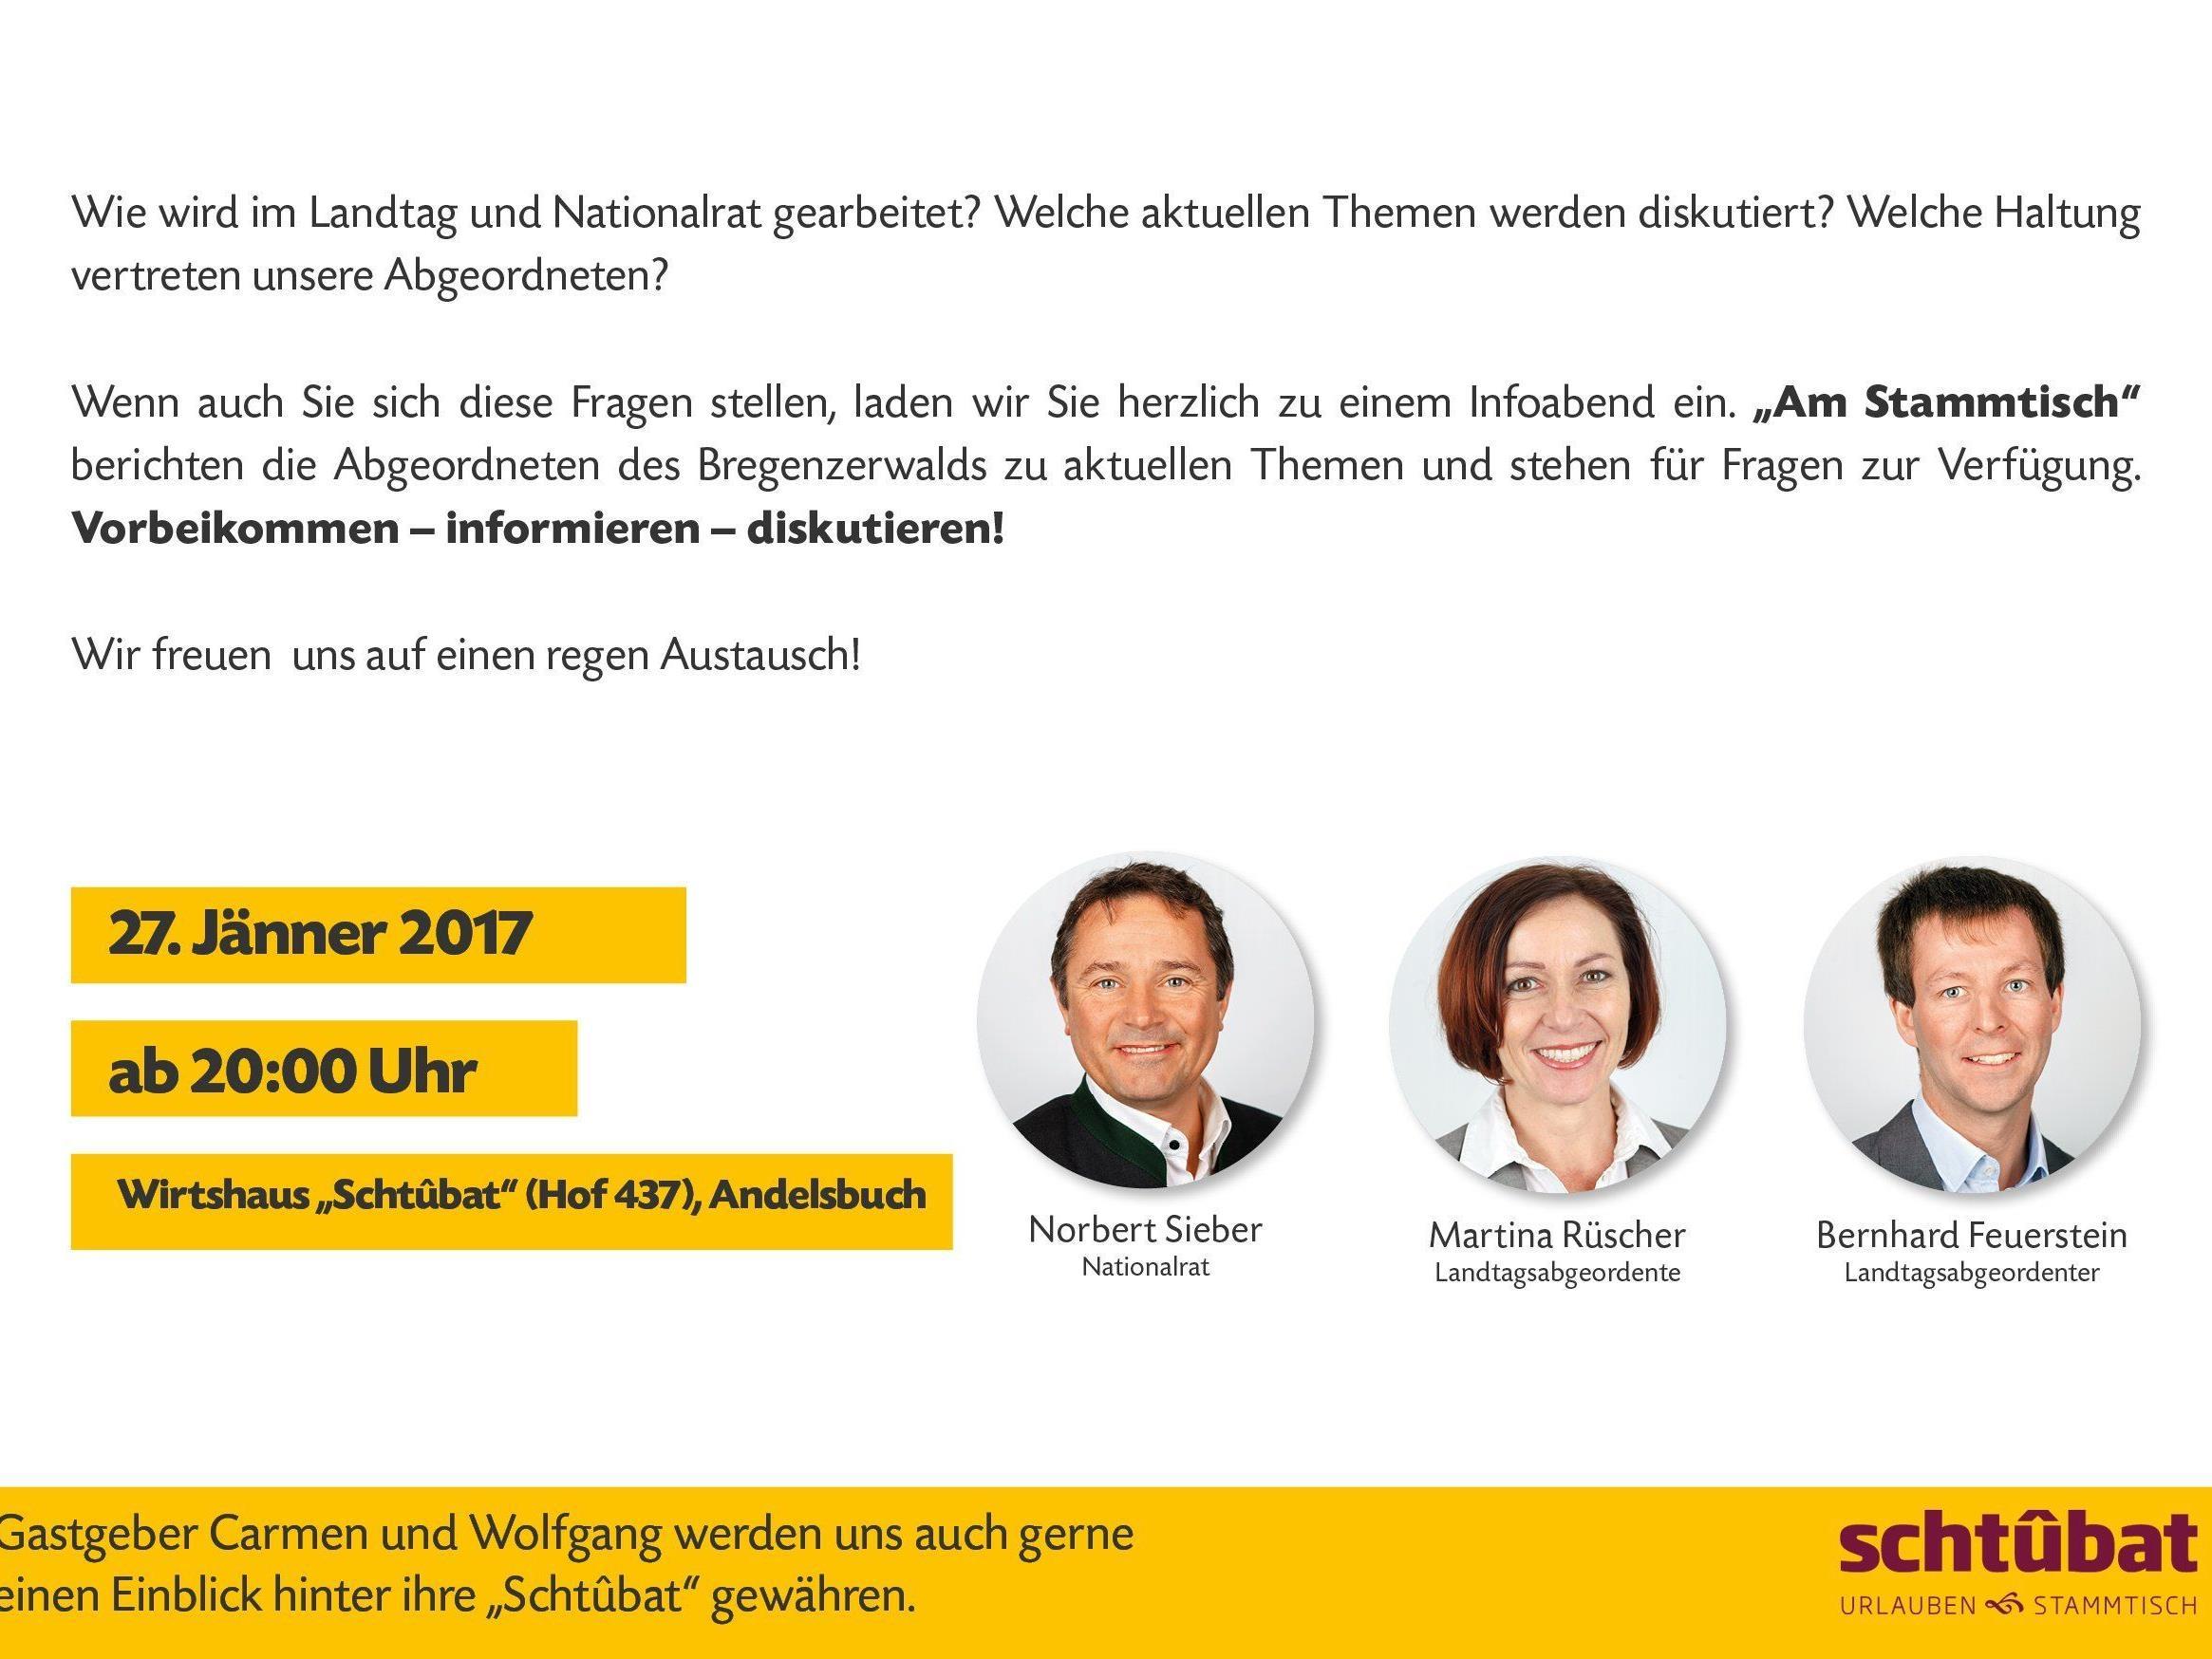 Die Abgeordneten des Bregenzerwalds stehen am kommenden Freitag gerne in Andelsbuch Rede und Antwort